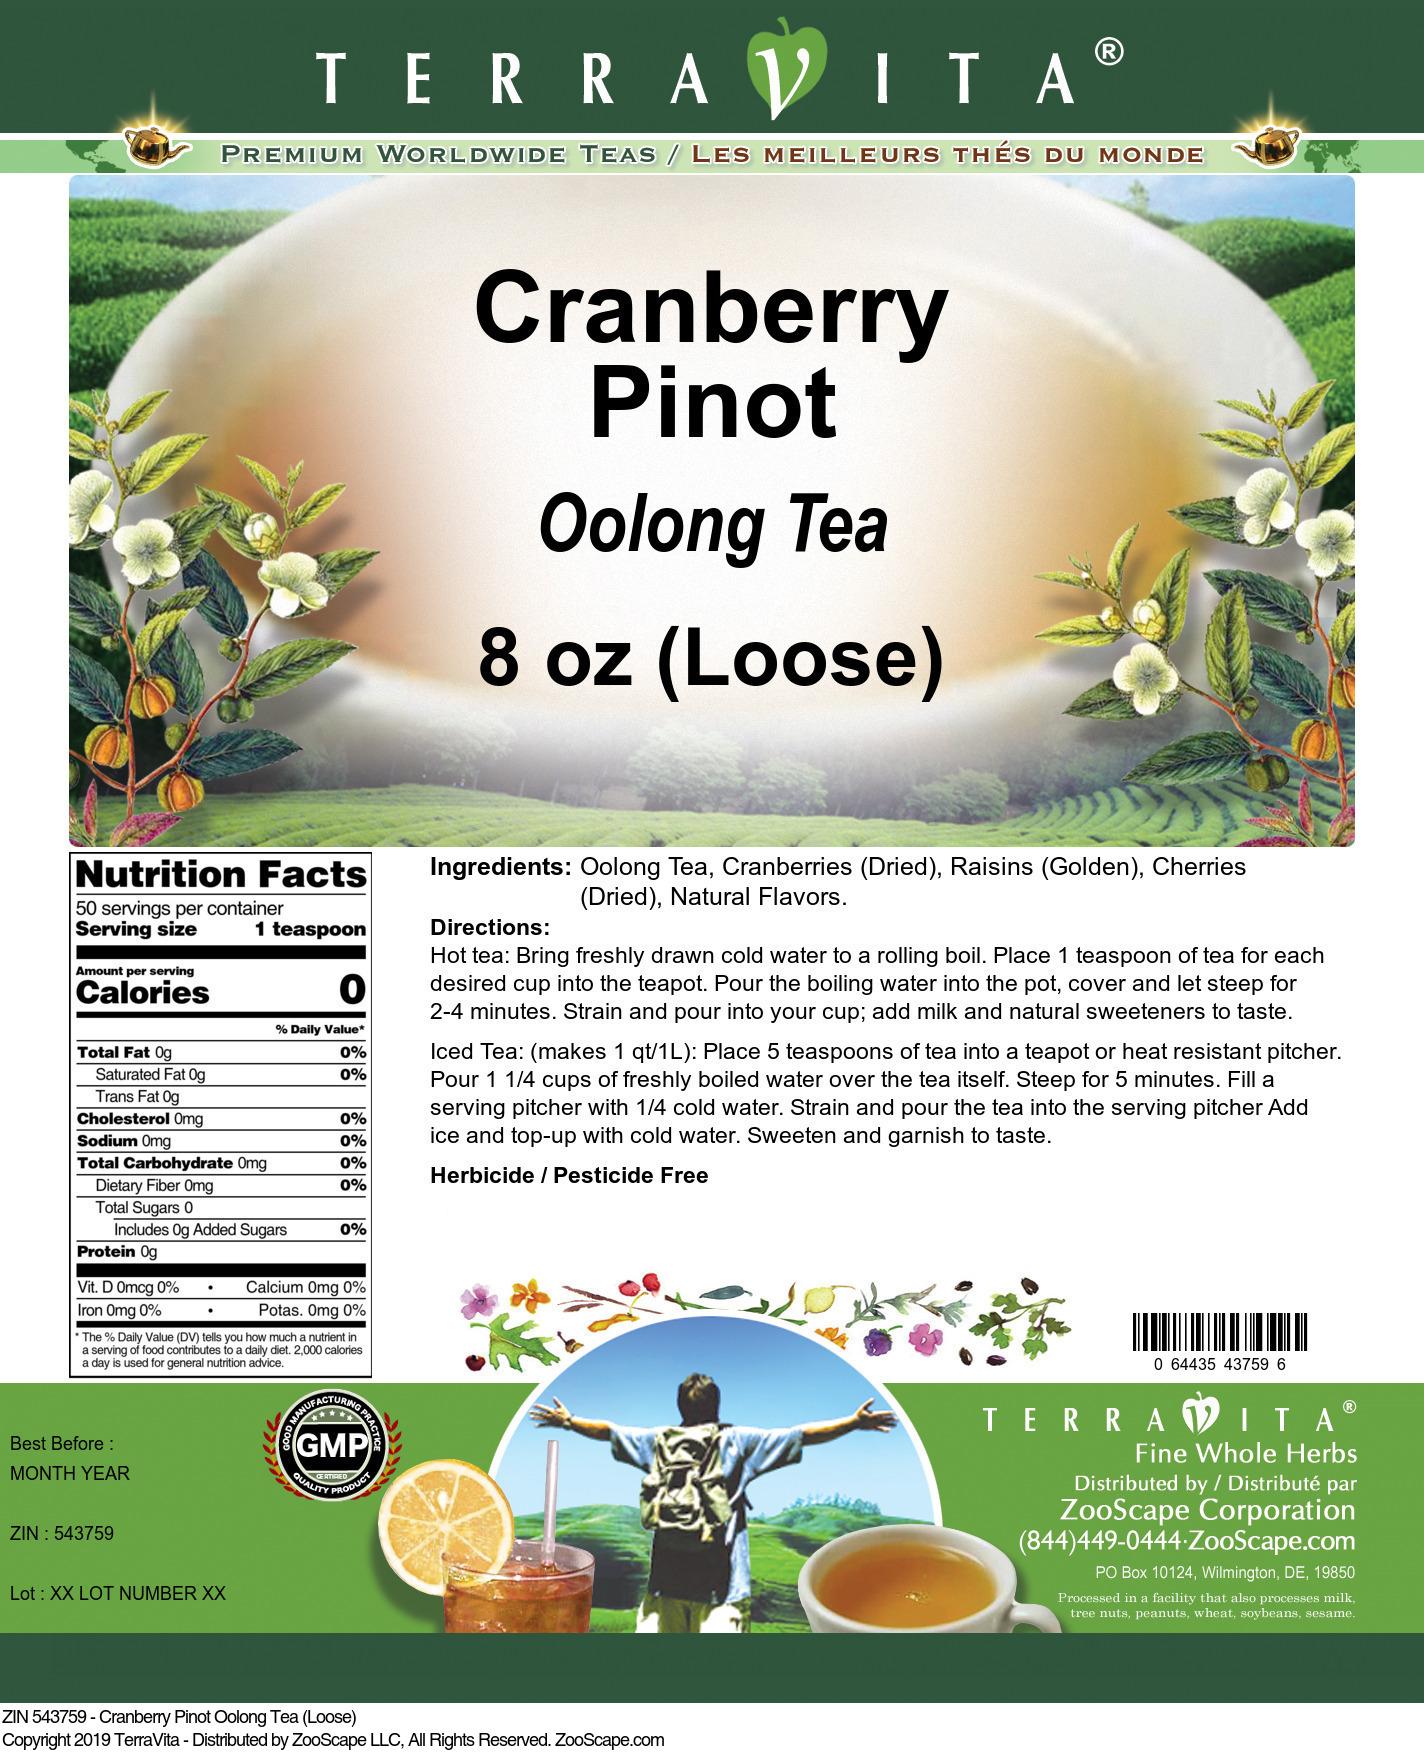 Cranberry Pinot Oolong Tea (Loose)